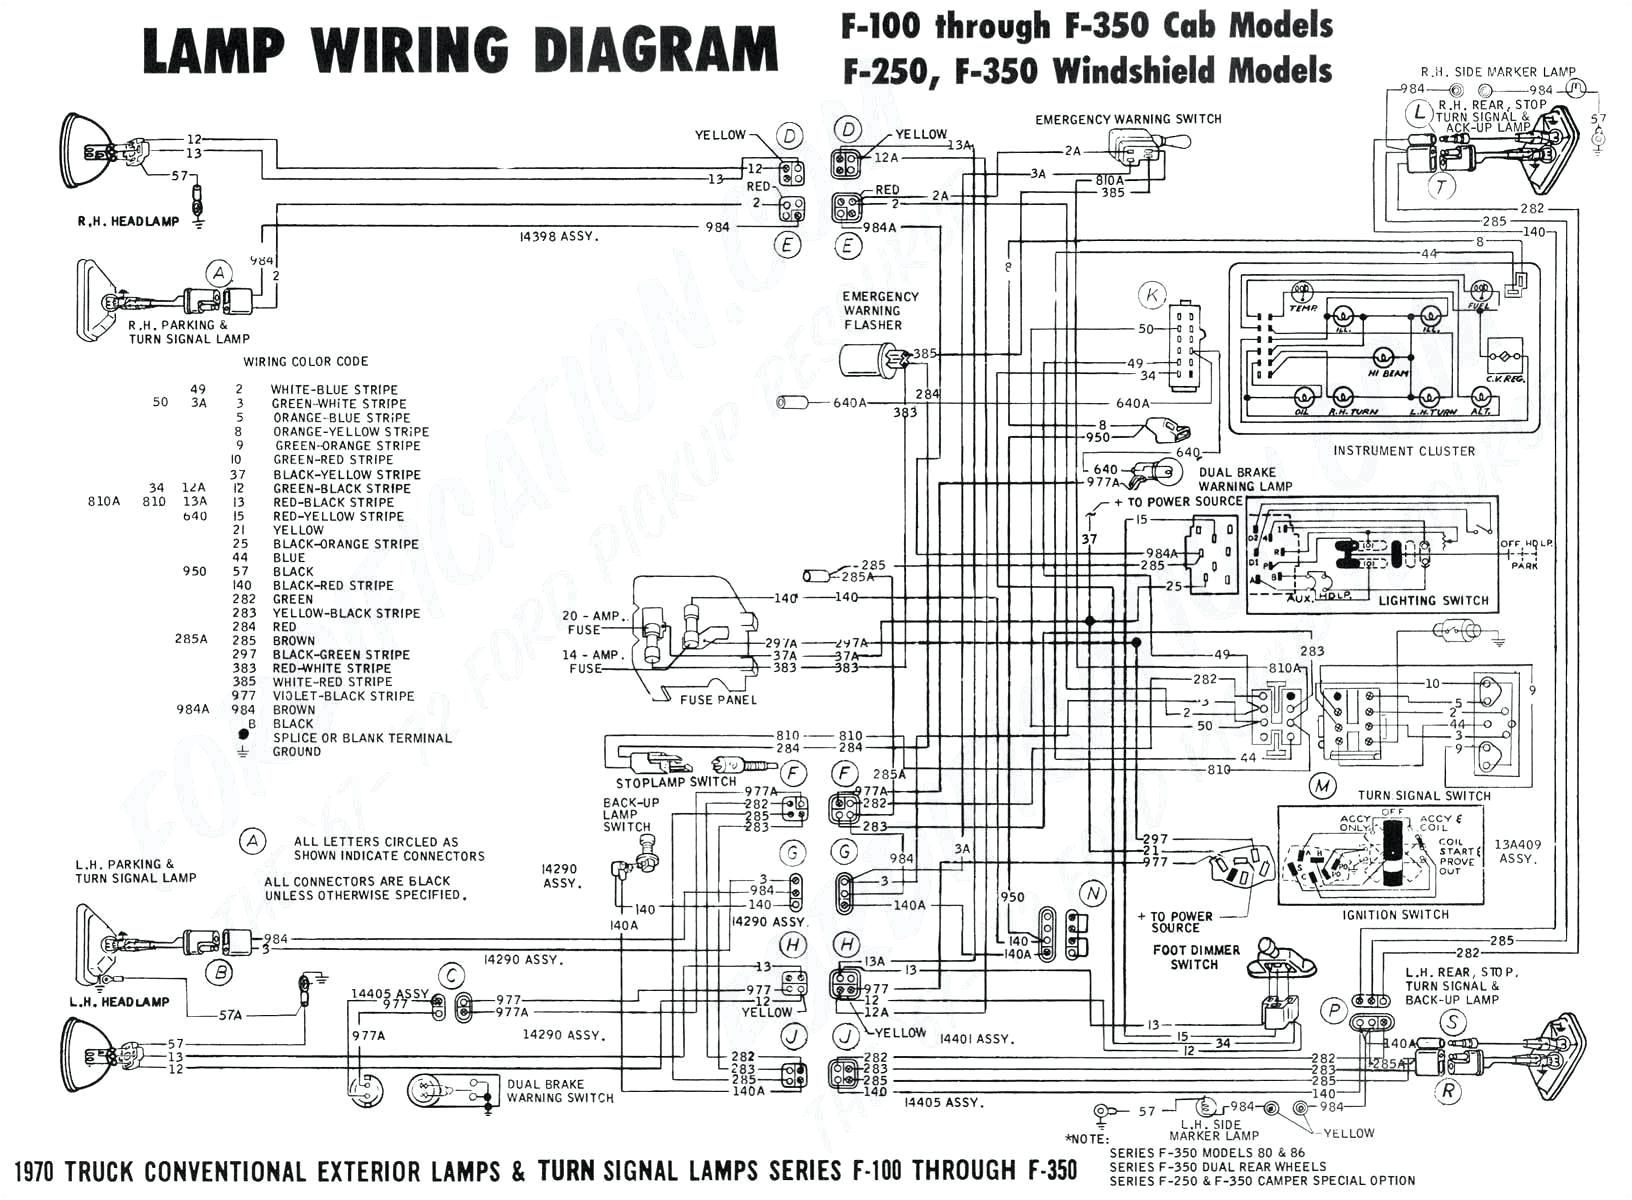 husqvarna 125l parts diagram u2013 jeido org2950 john deere wiring diagram and husqvarna 125l parts